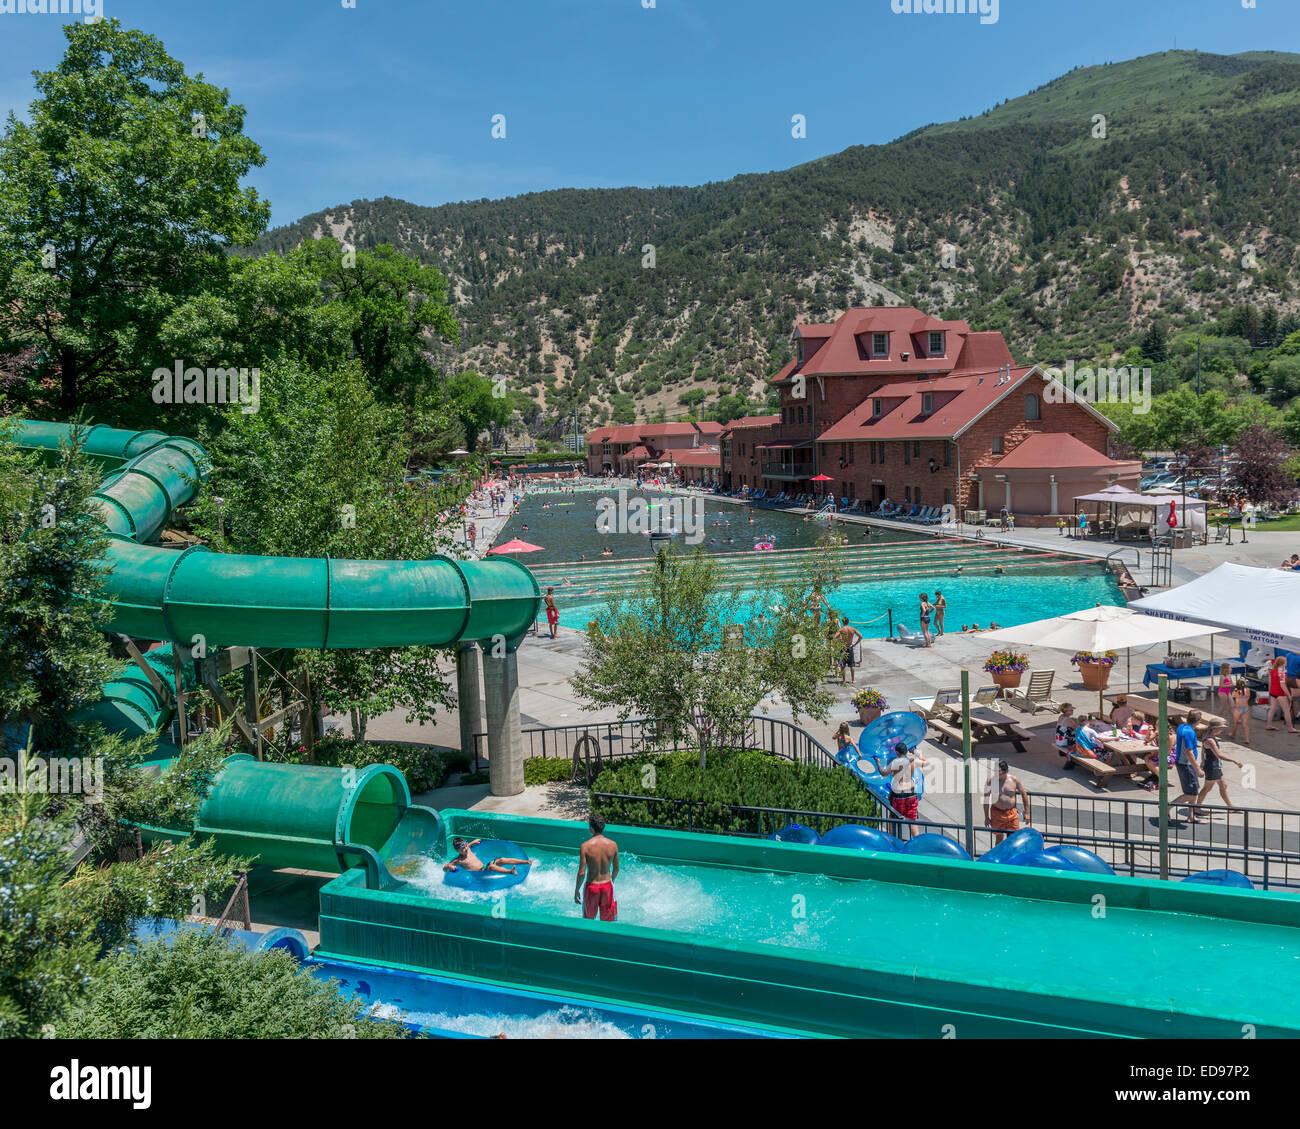 Glenwood Hot Springs Lodge Und Pool In Glenwood Springs Colorado